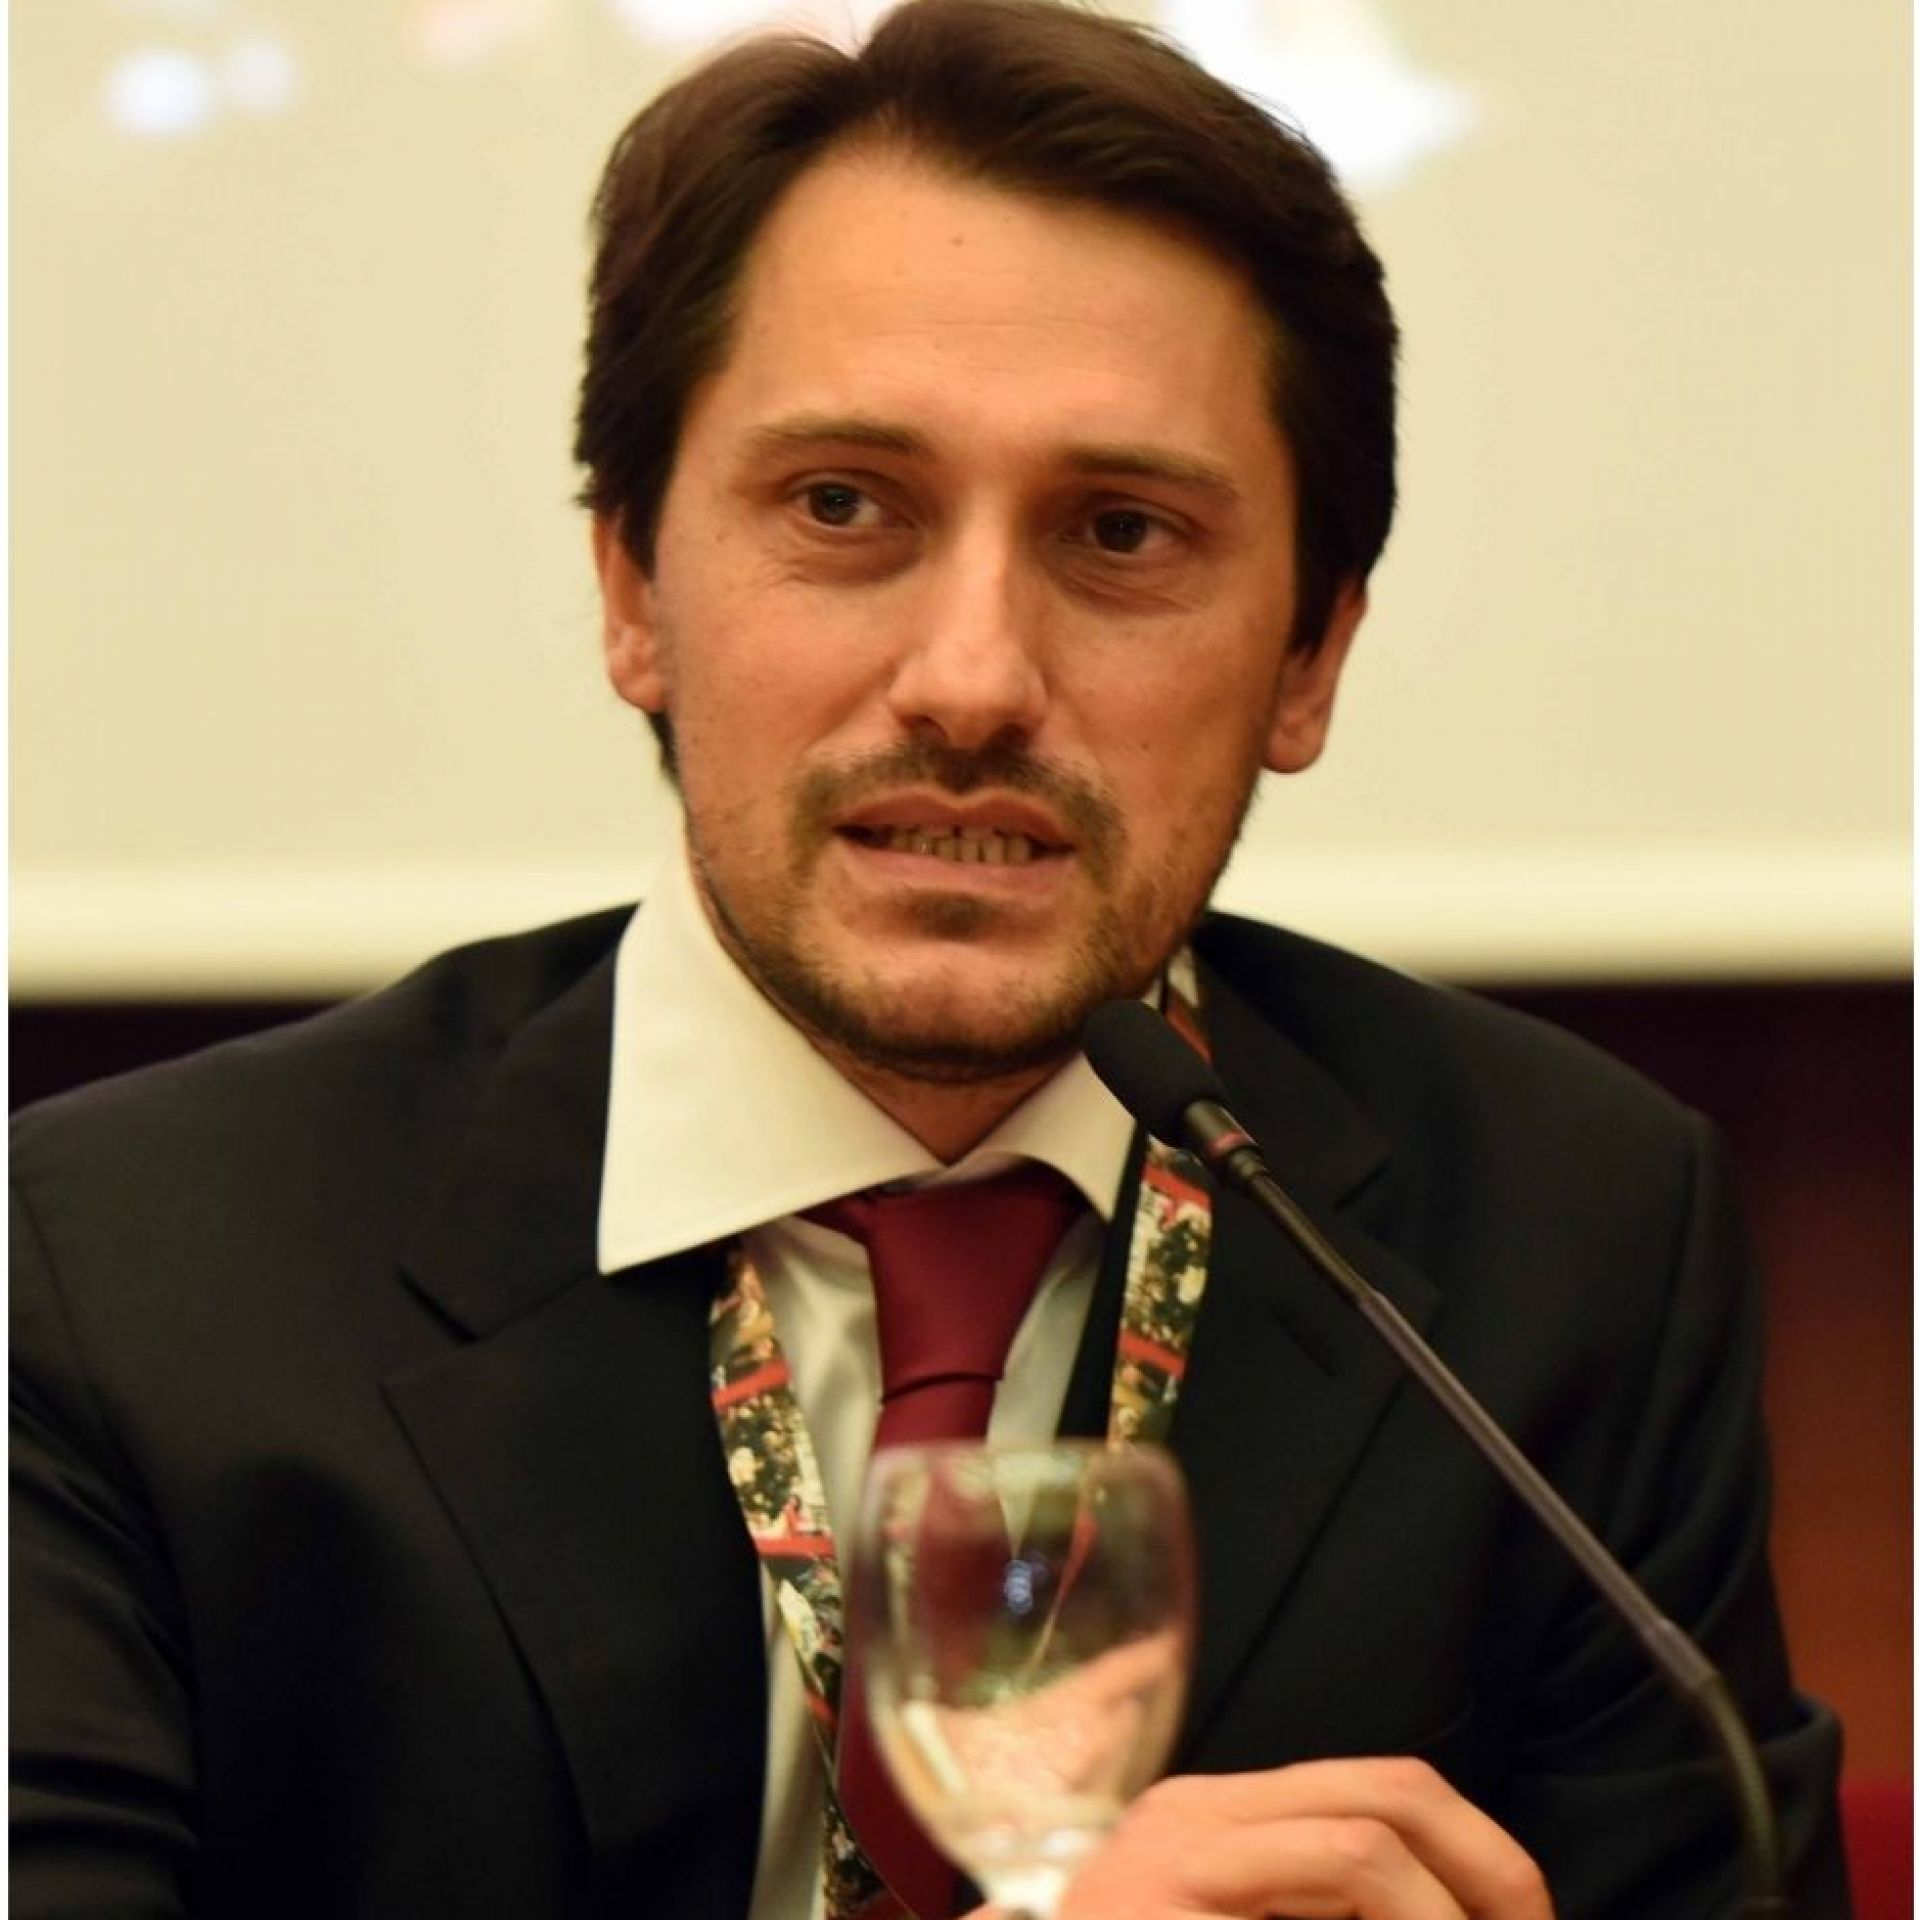 Marcello Chieppa